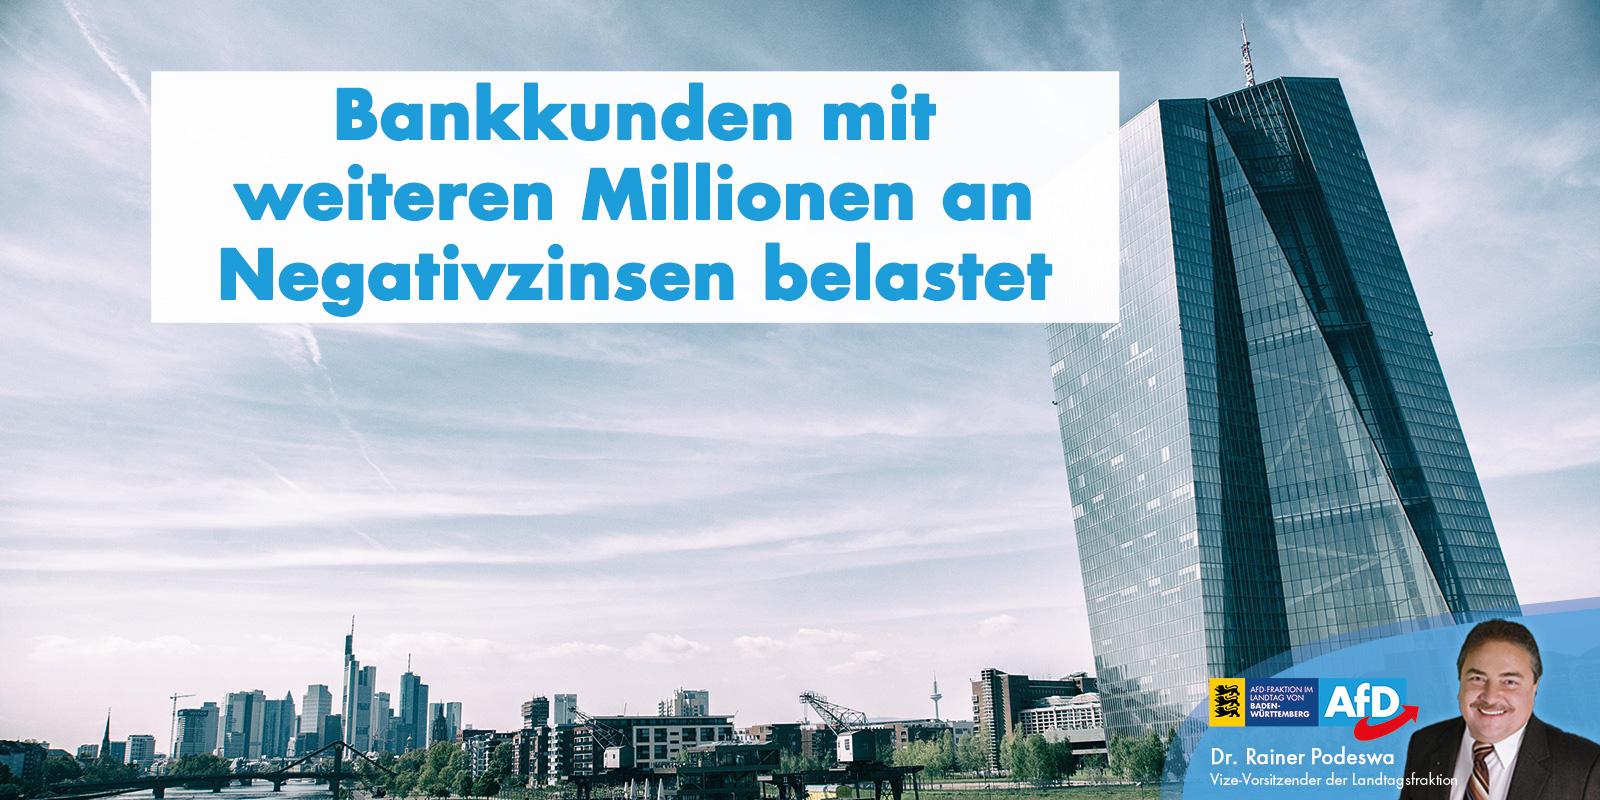 Dr. Rainer Podeswa: Bankkunden mit weiteren Millionen an Negativzinsen belastet